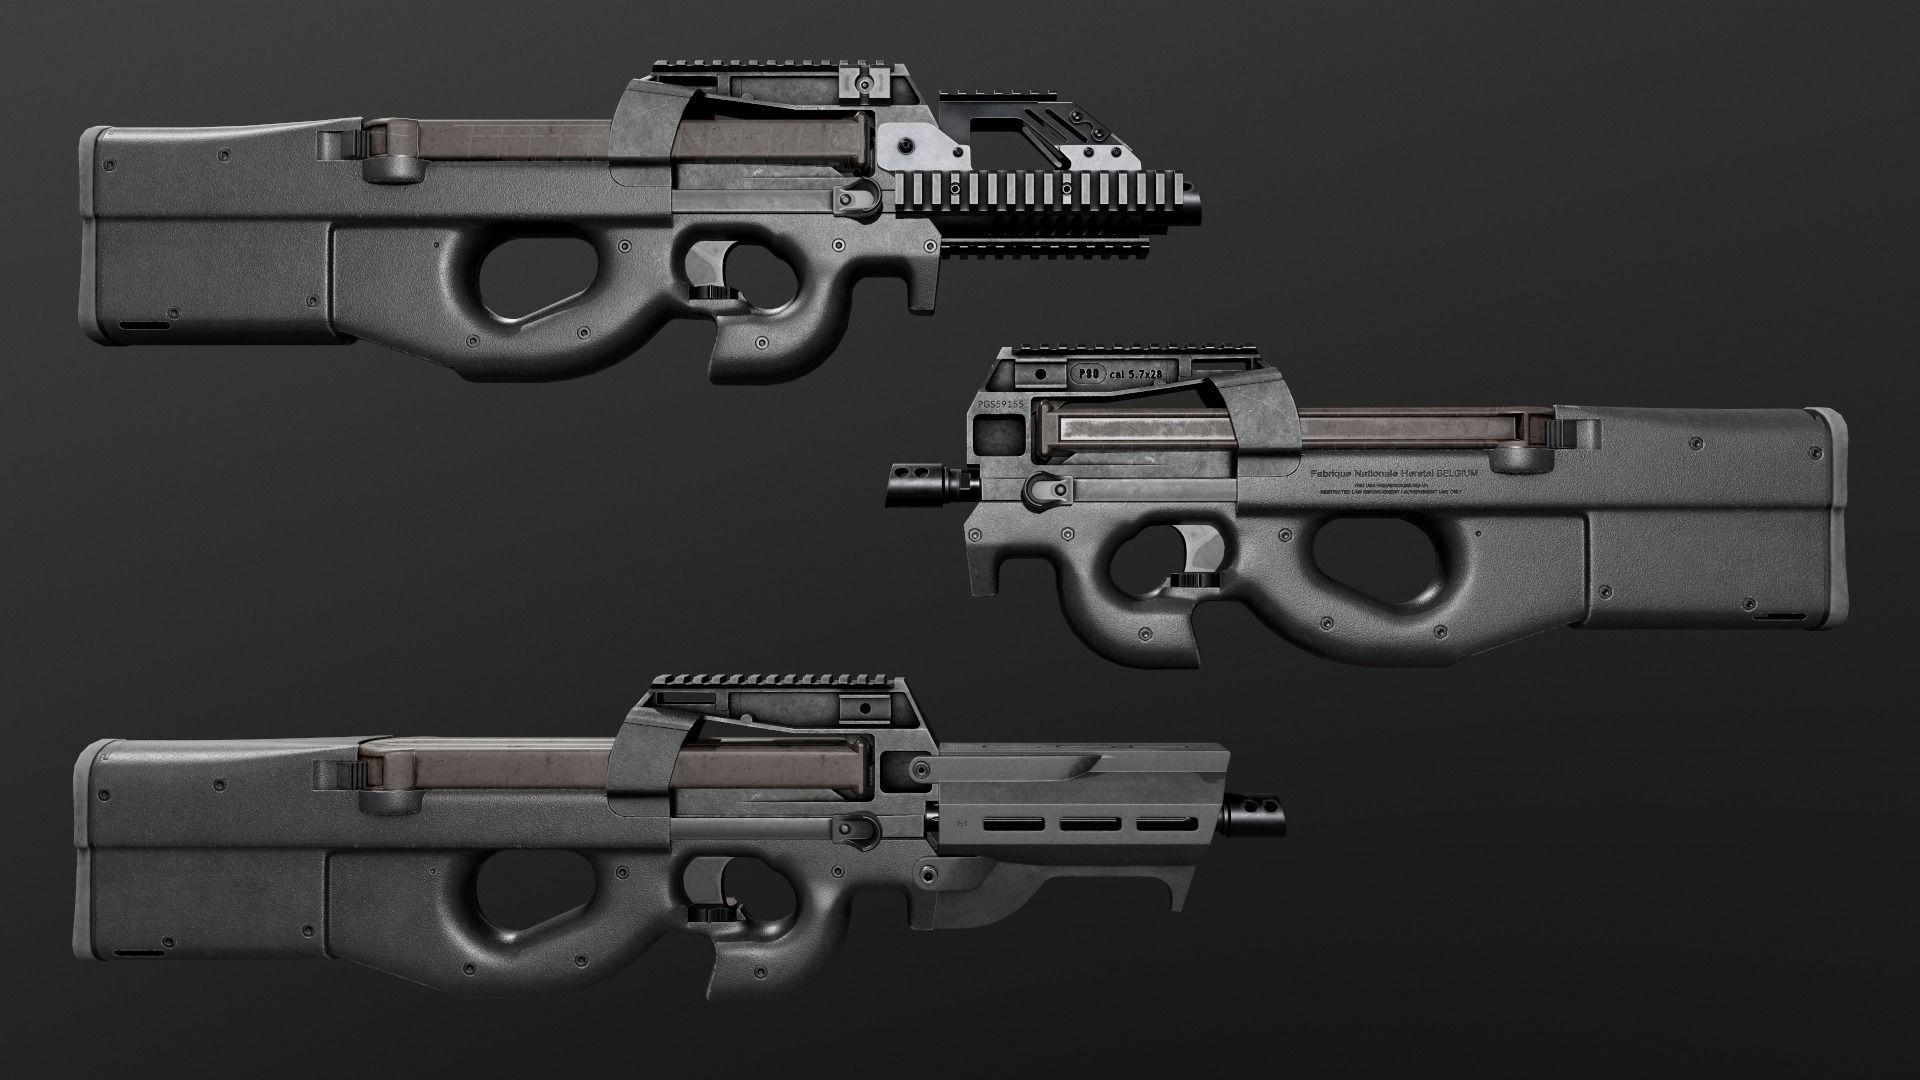 FN P90 Sub Machine Gun